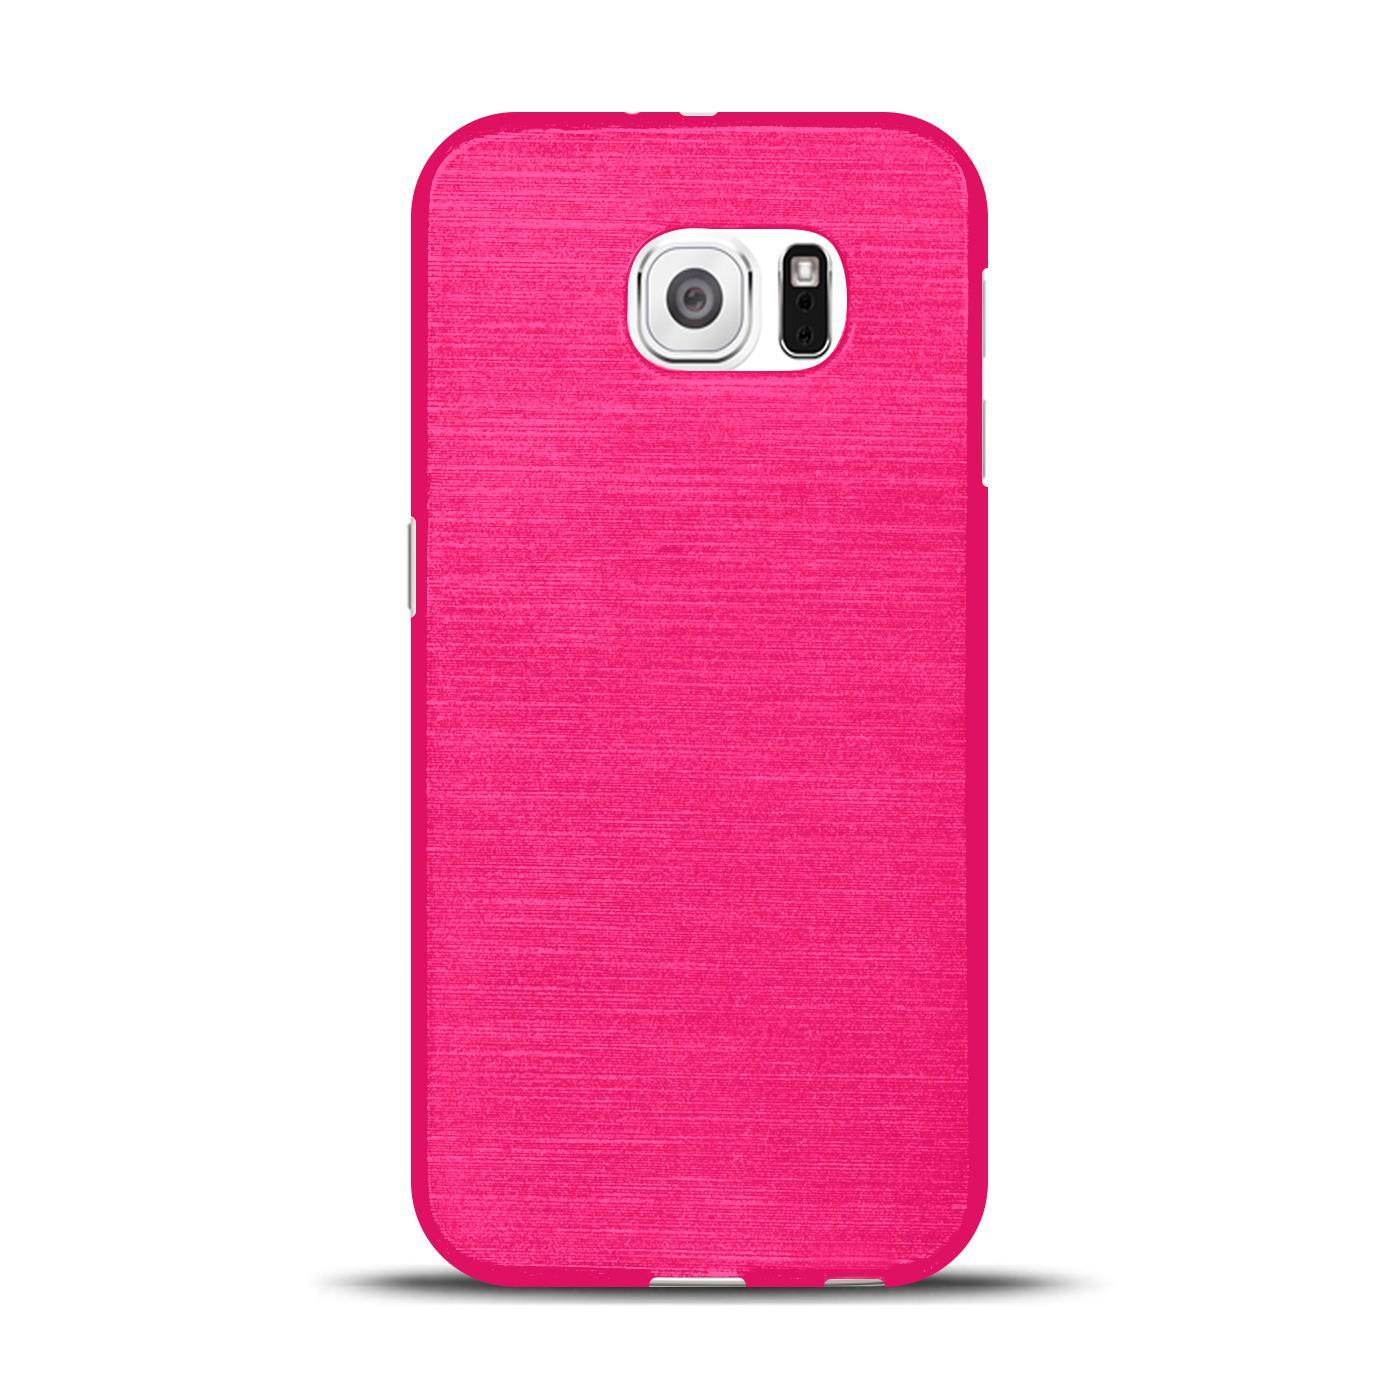 Silikon-Bumper-Case-fuer-Samsung-Galaxy-s6-duenne-ultra-slim-Stossfeste-Rueckschale Indexbild 30